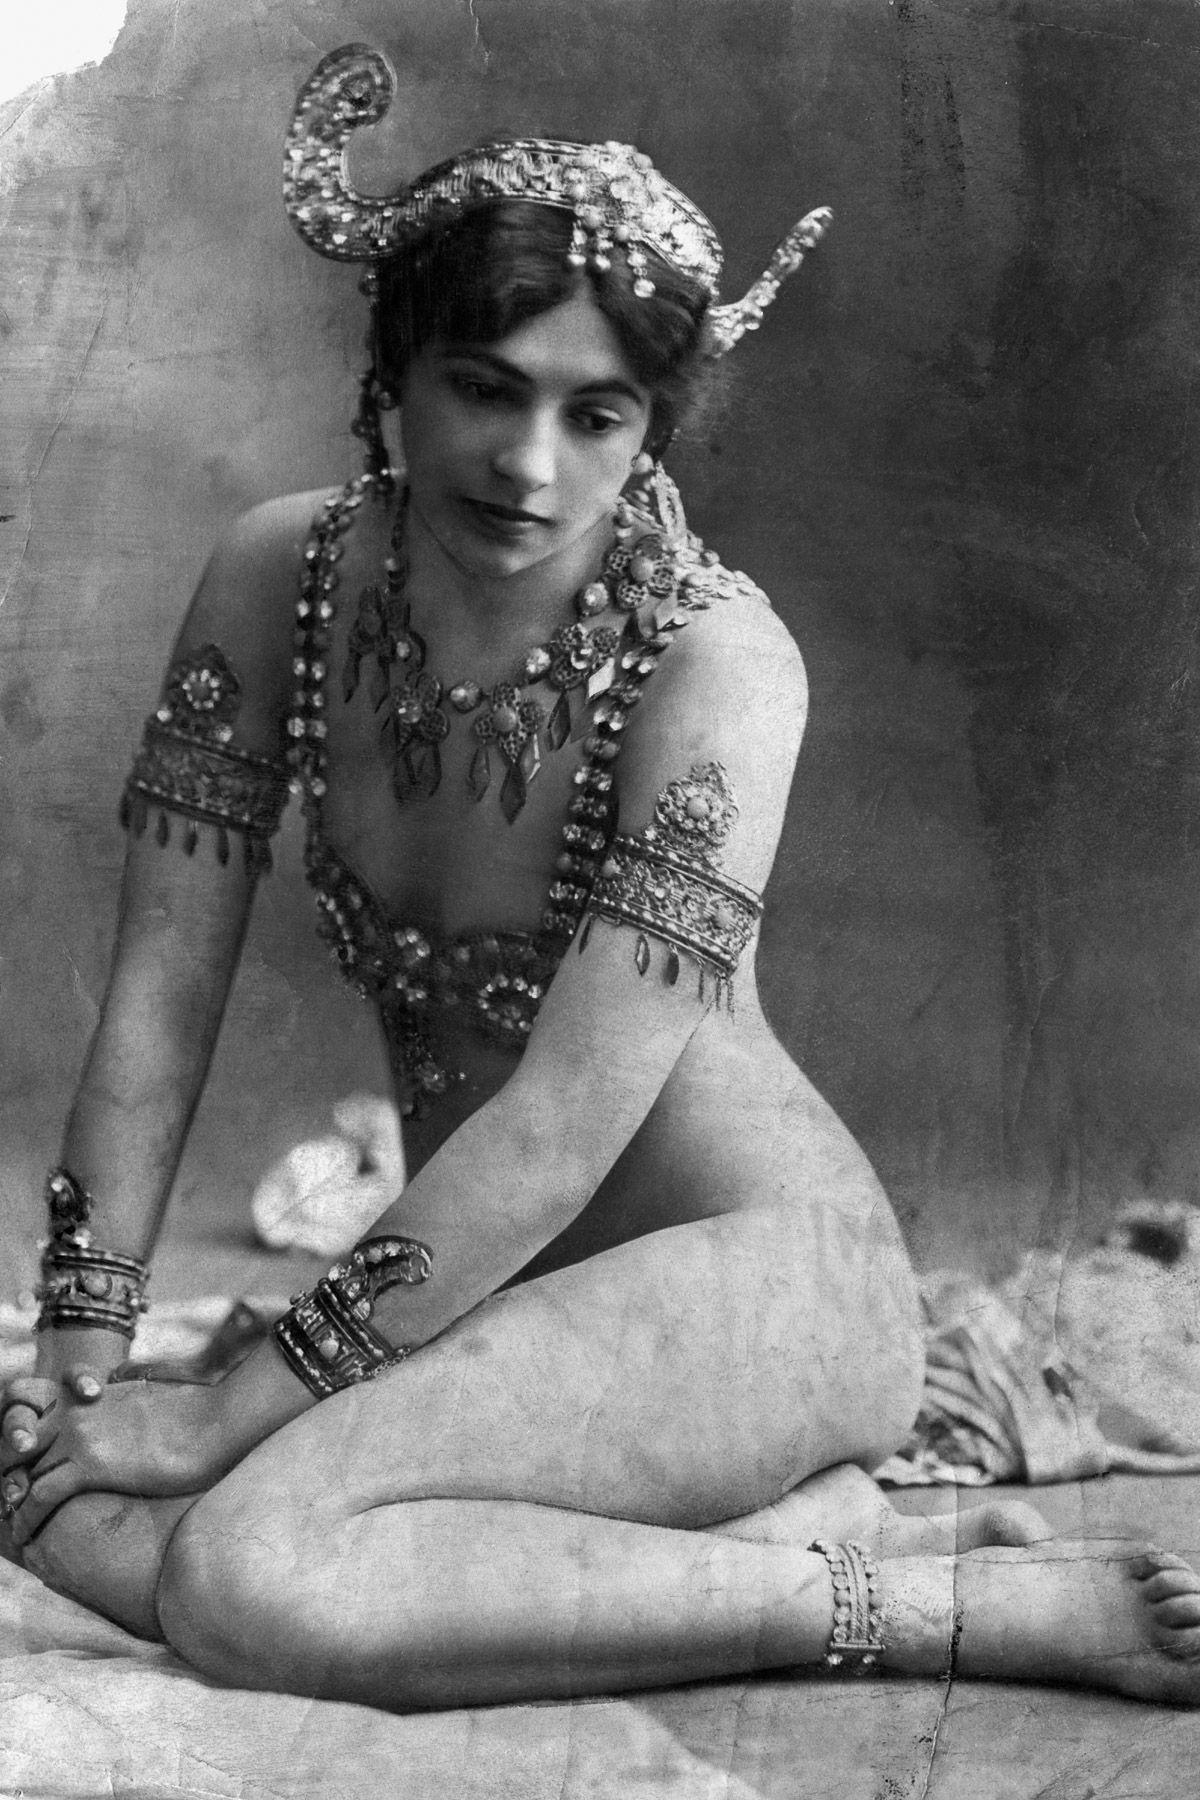 A história dramática de Mata Hari, dançarina exótica e notória espiã da Primeira Guerra Mundial 09